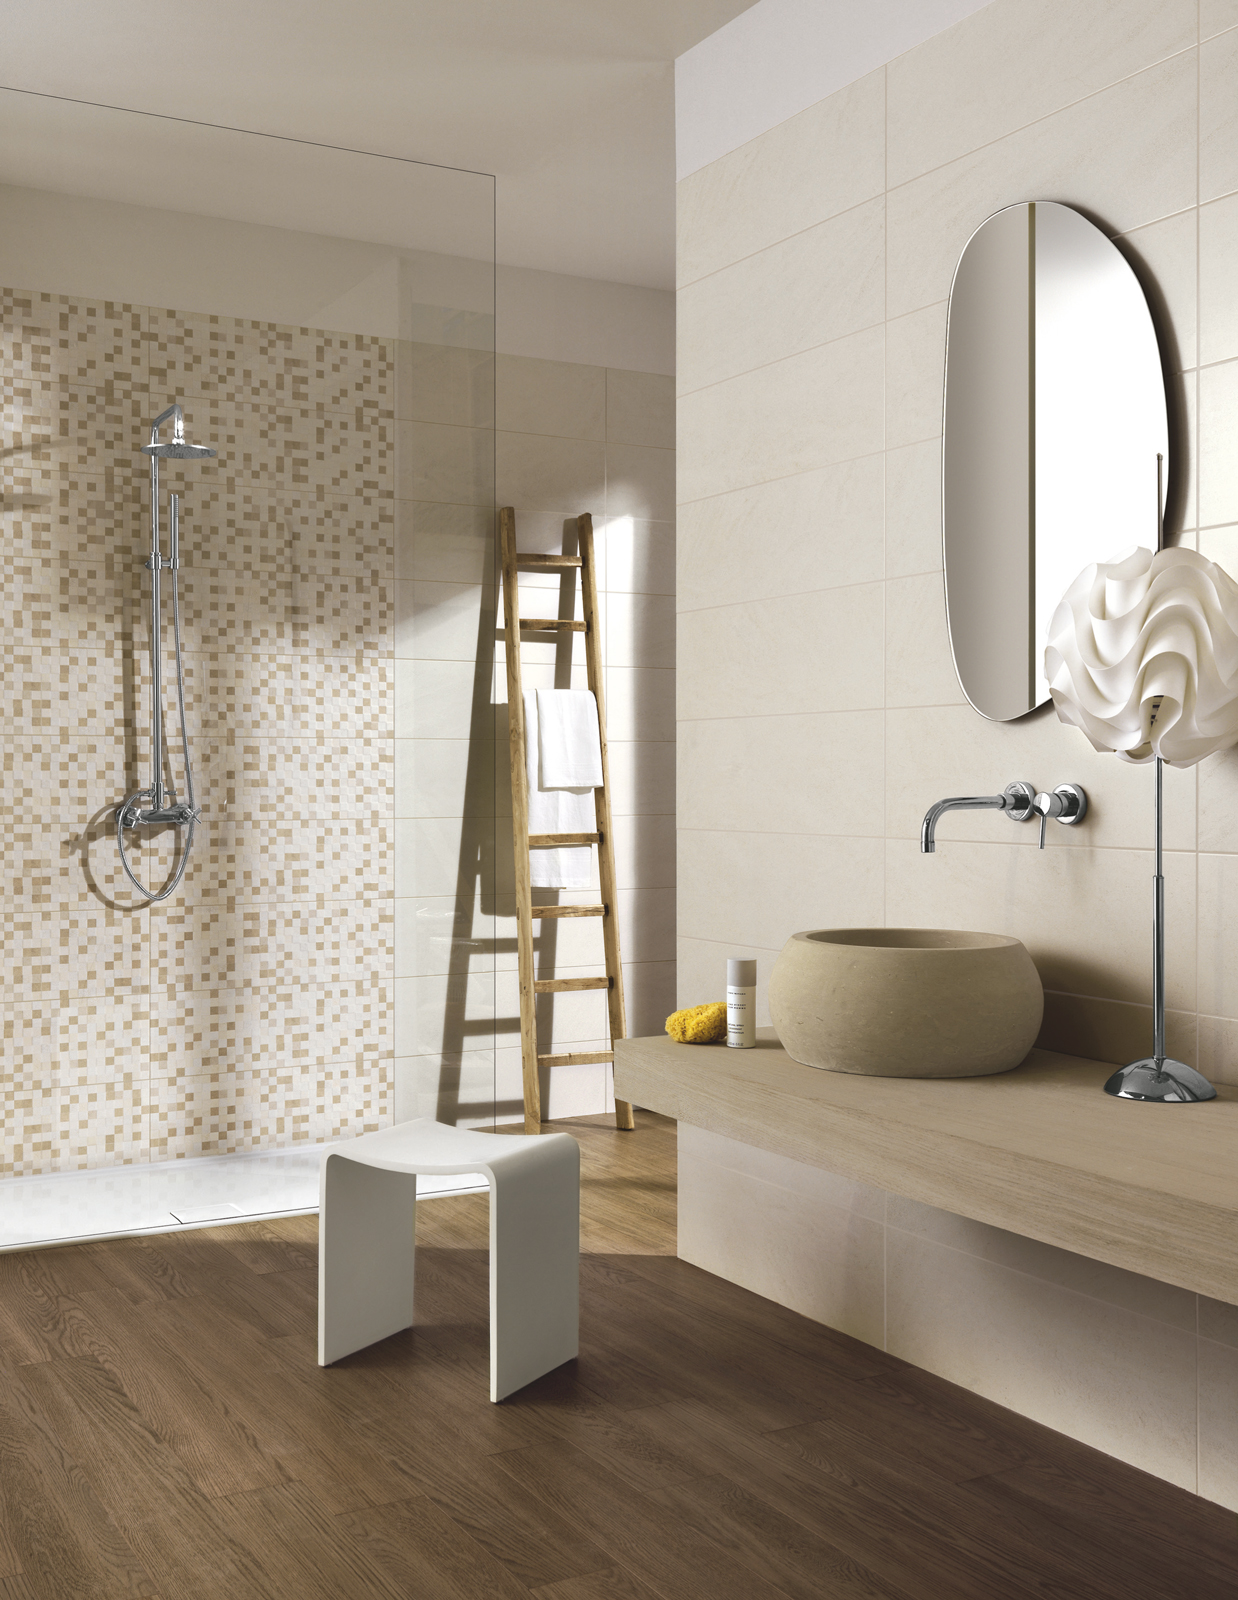 Collezione natural rivestimenti per il tuo bagno ragno - Ragno rivestimenti bagno ...